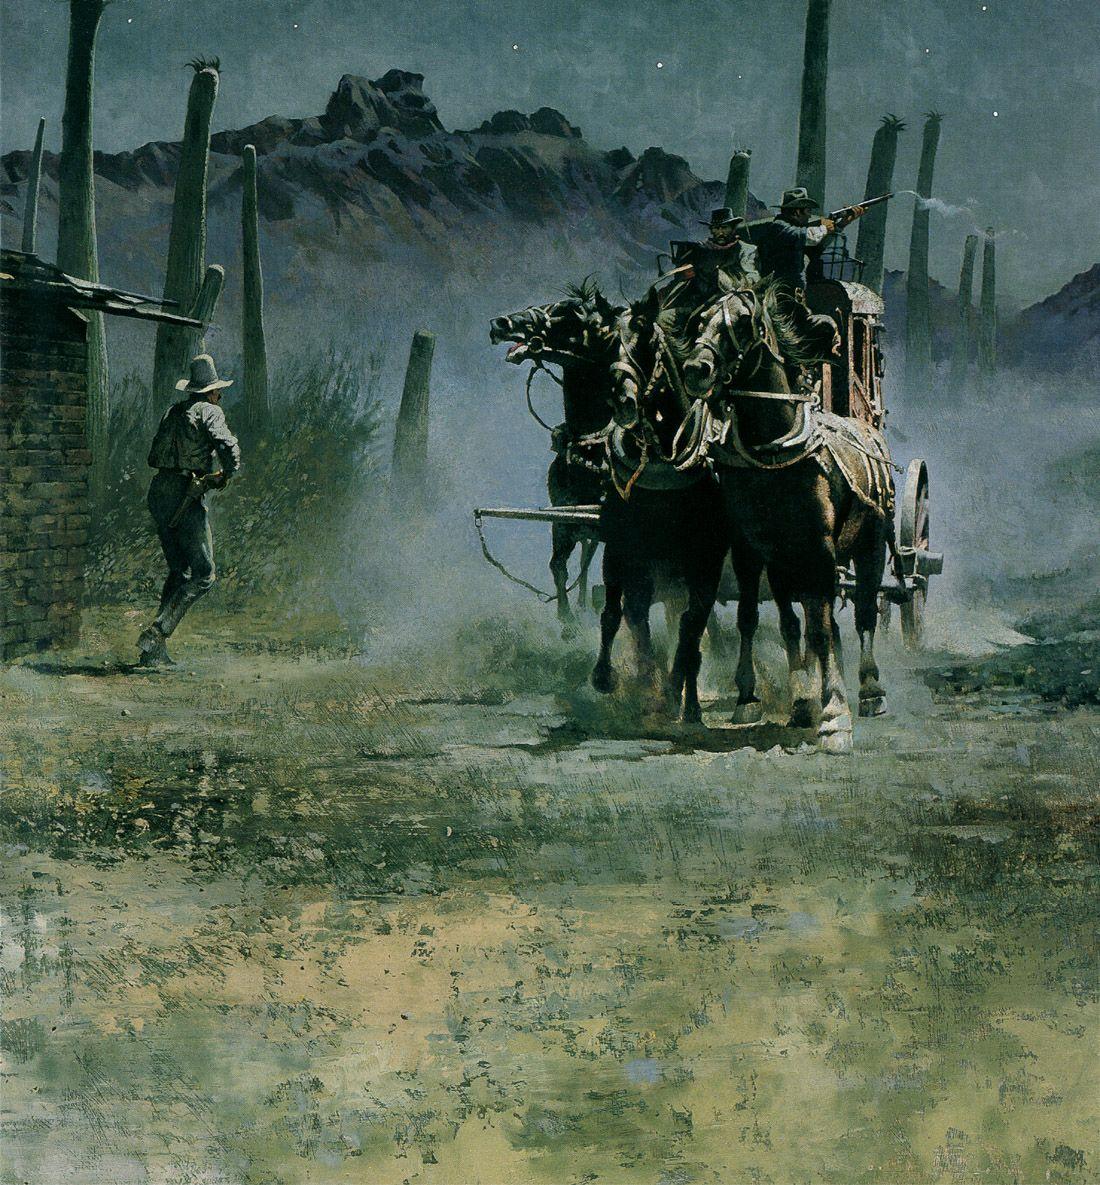 Robert E.McGinnis | Art Auction Results